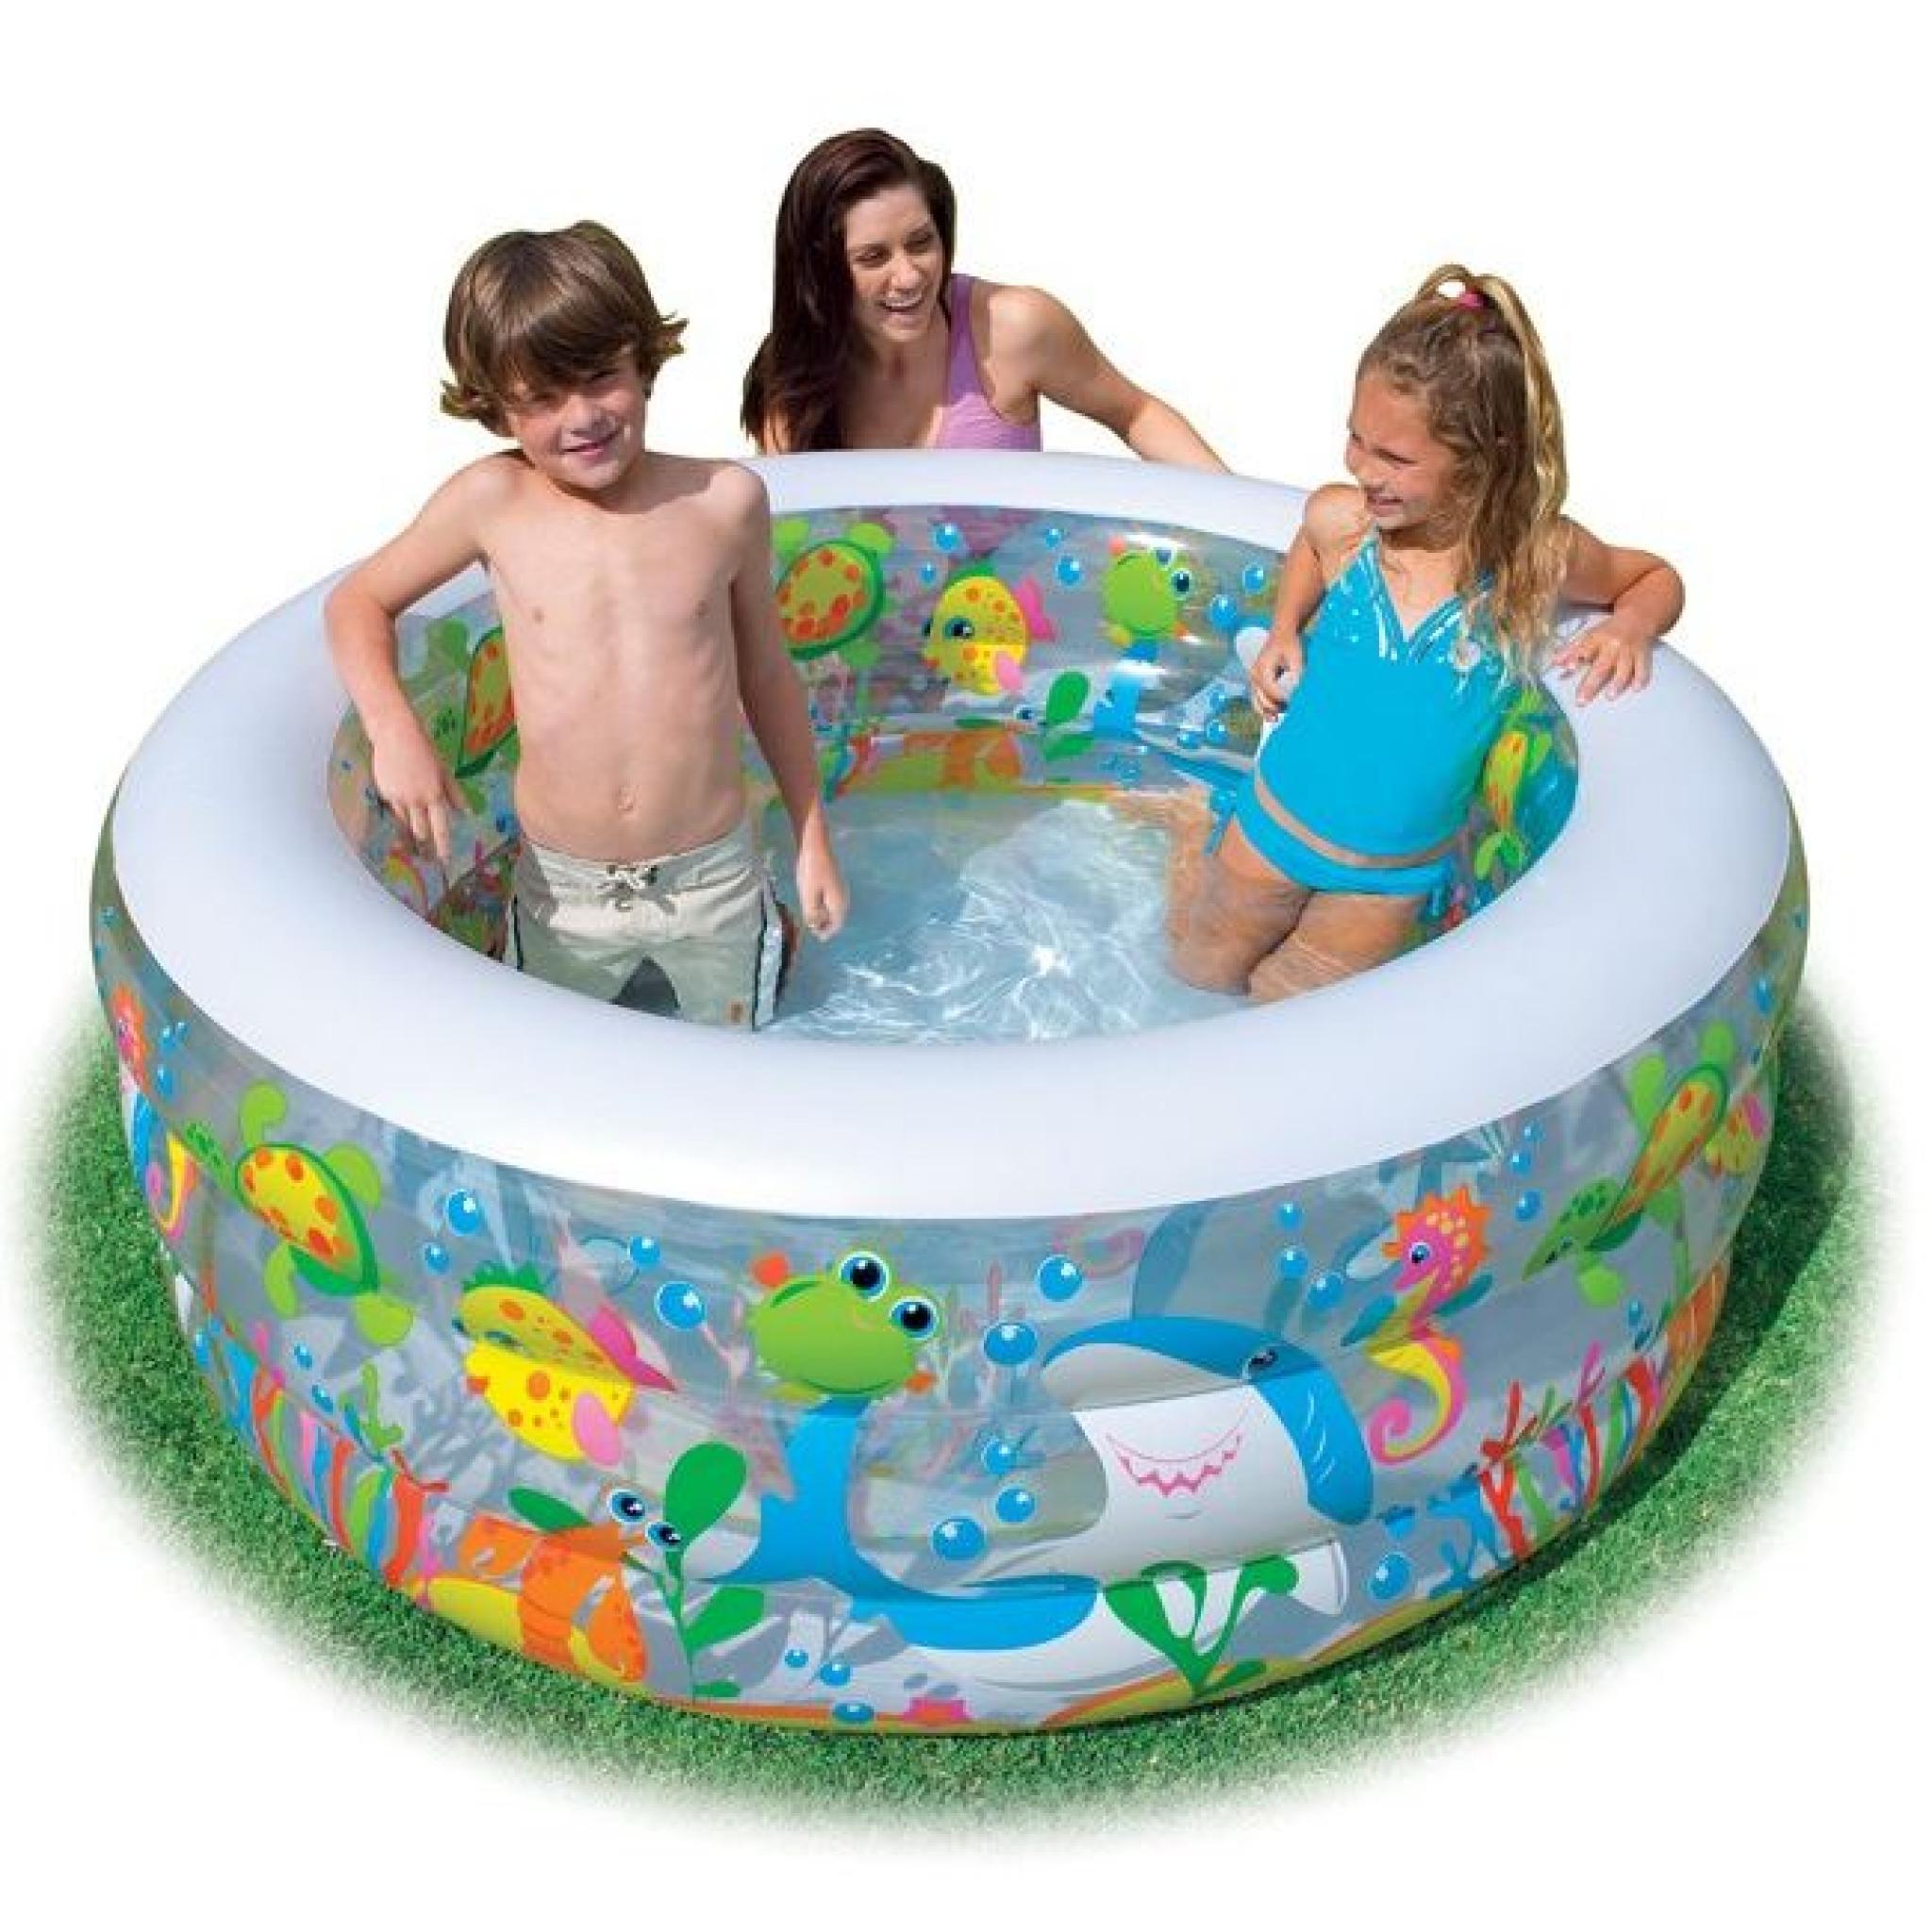 Piscine Gonflable Aquarium Intex concernant Piscine Enfant Pas Cher